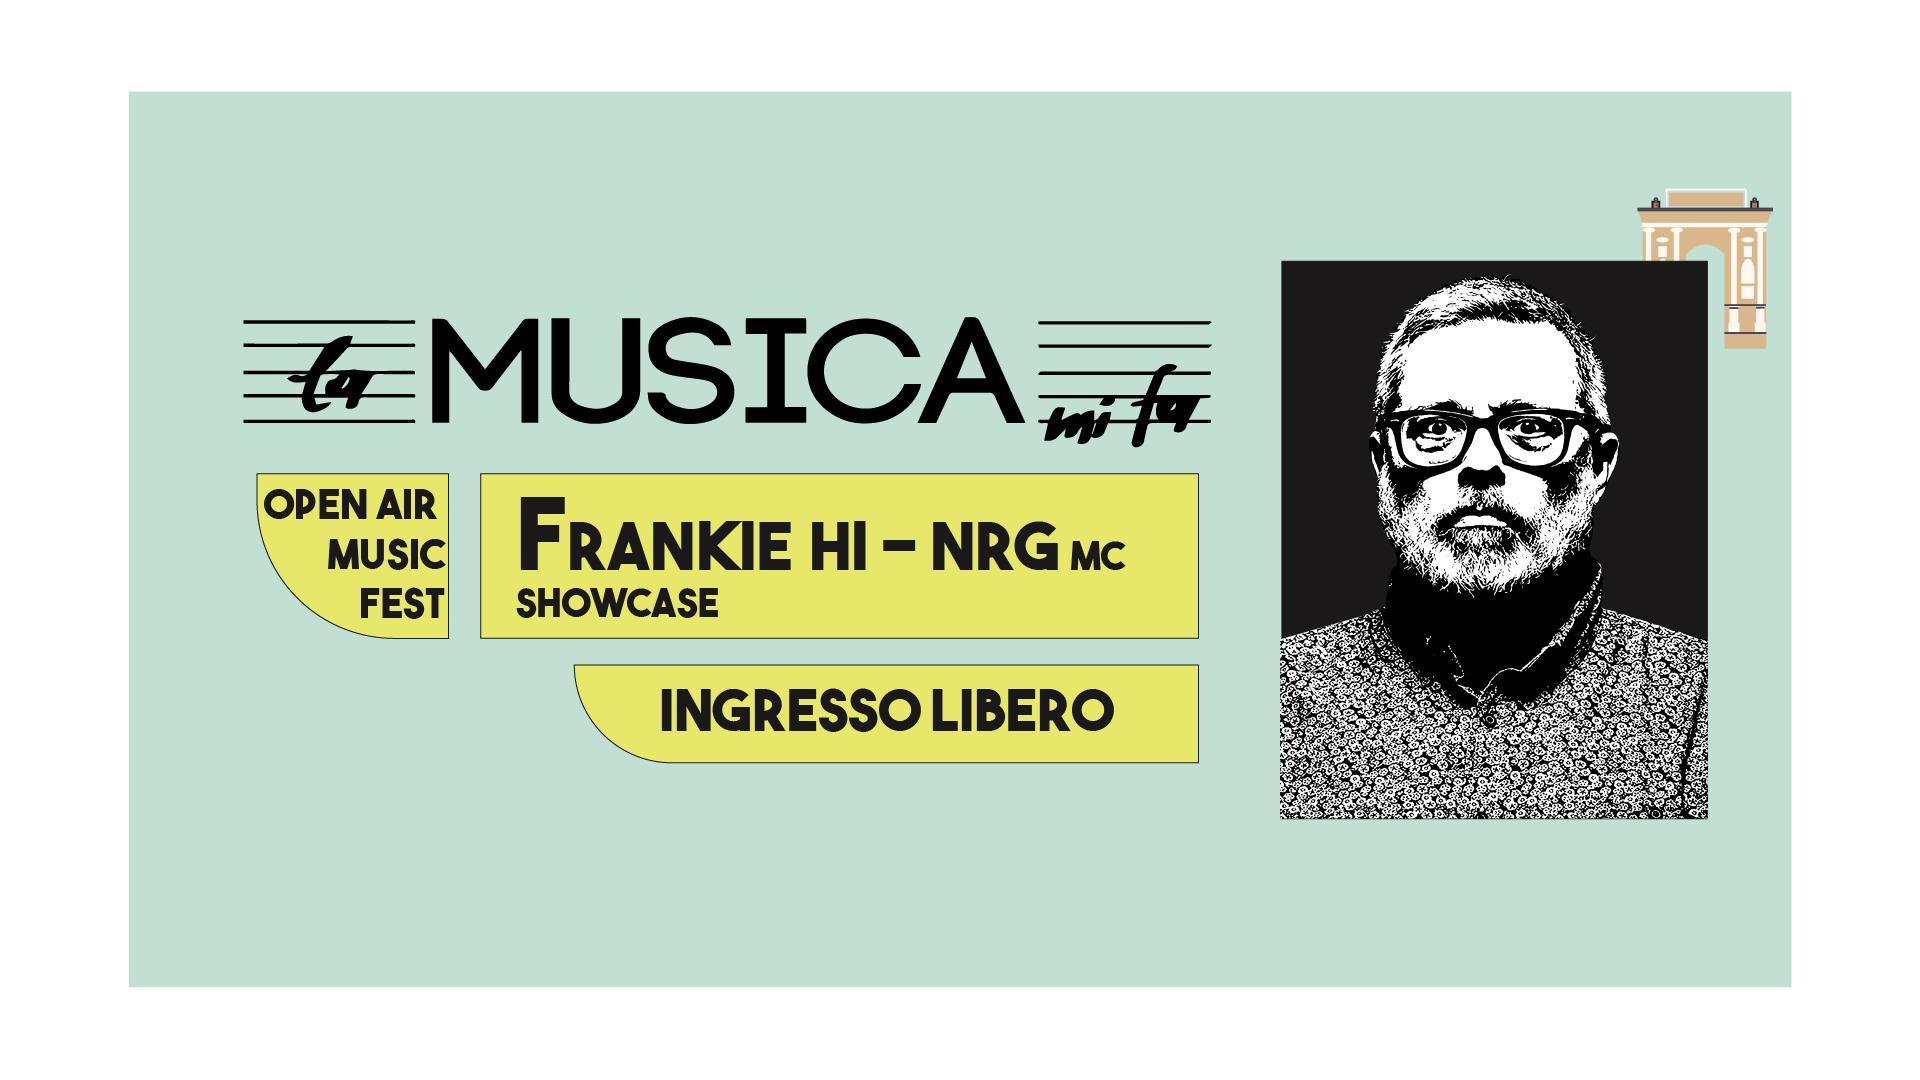 Finale Ligure, il concerto gratuito di Frankie hi-nrg